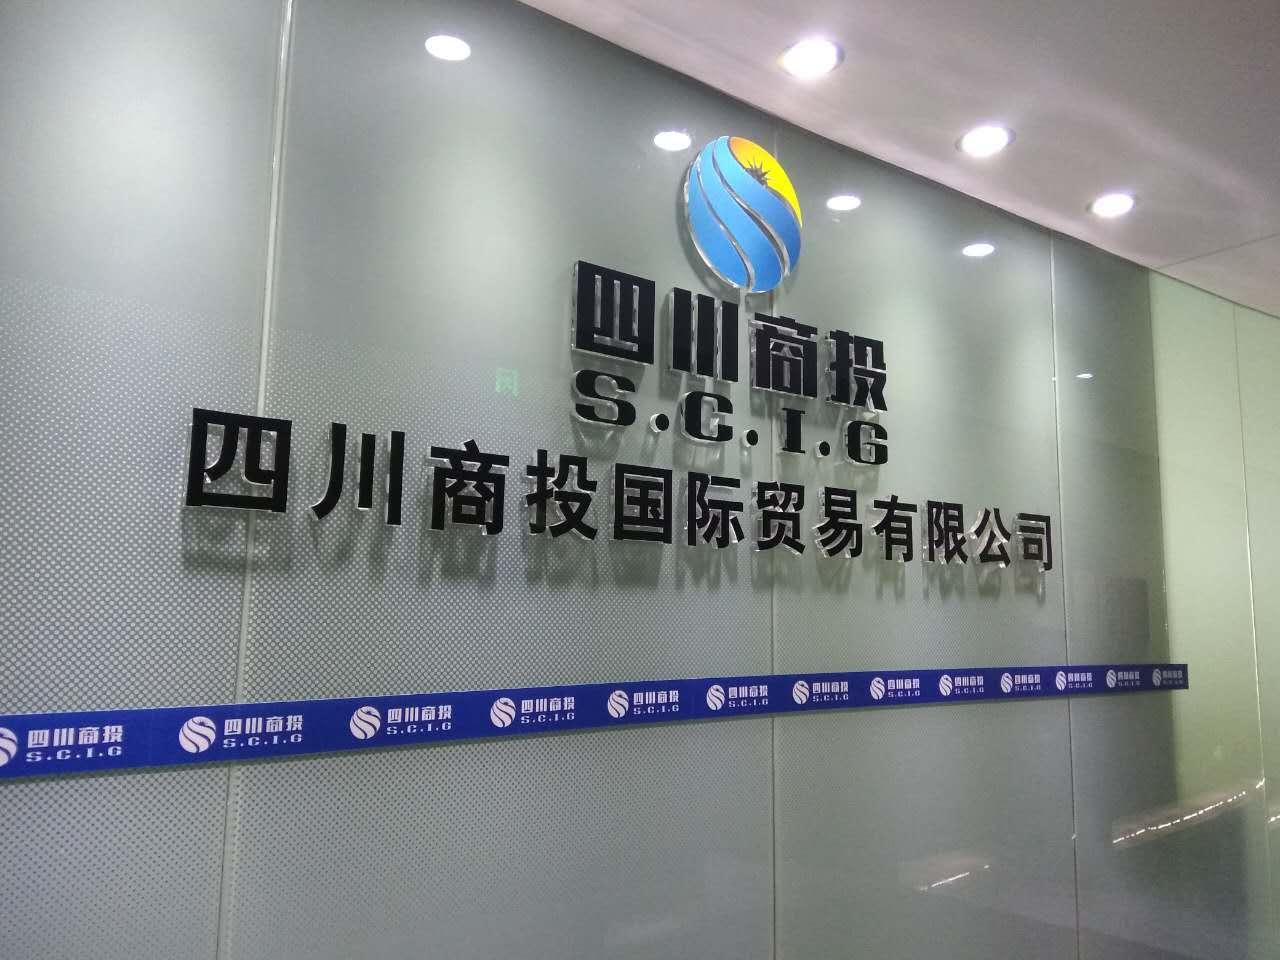 四川商投国际贸易公司